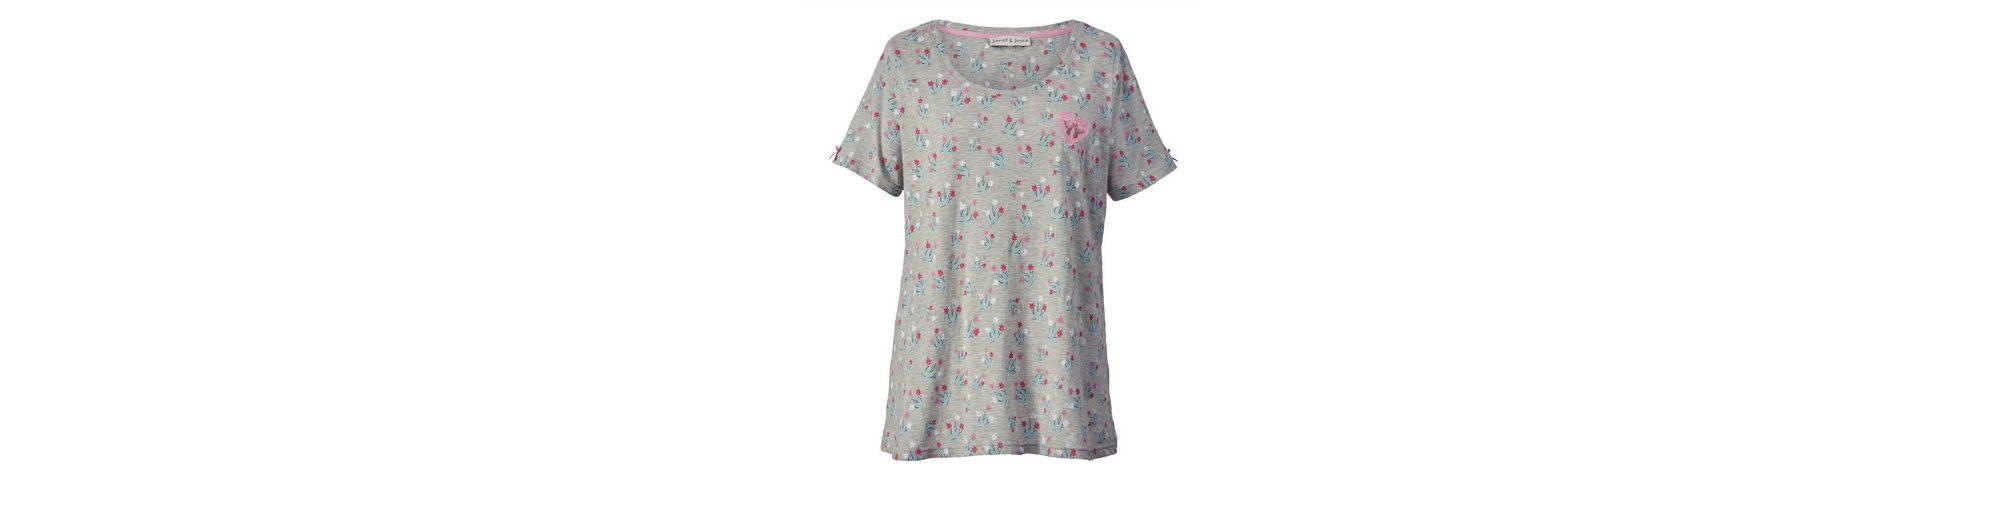 Janet und Joyce by Happy Size Trachten-Shirt mit Allover-Print Günstig Kaufen Gefälschte luuJdw